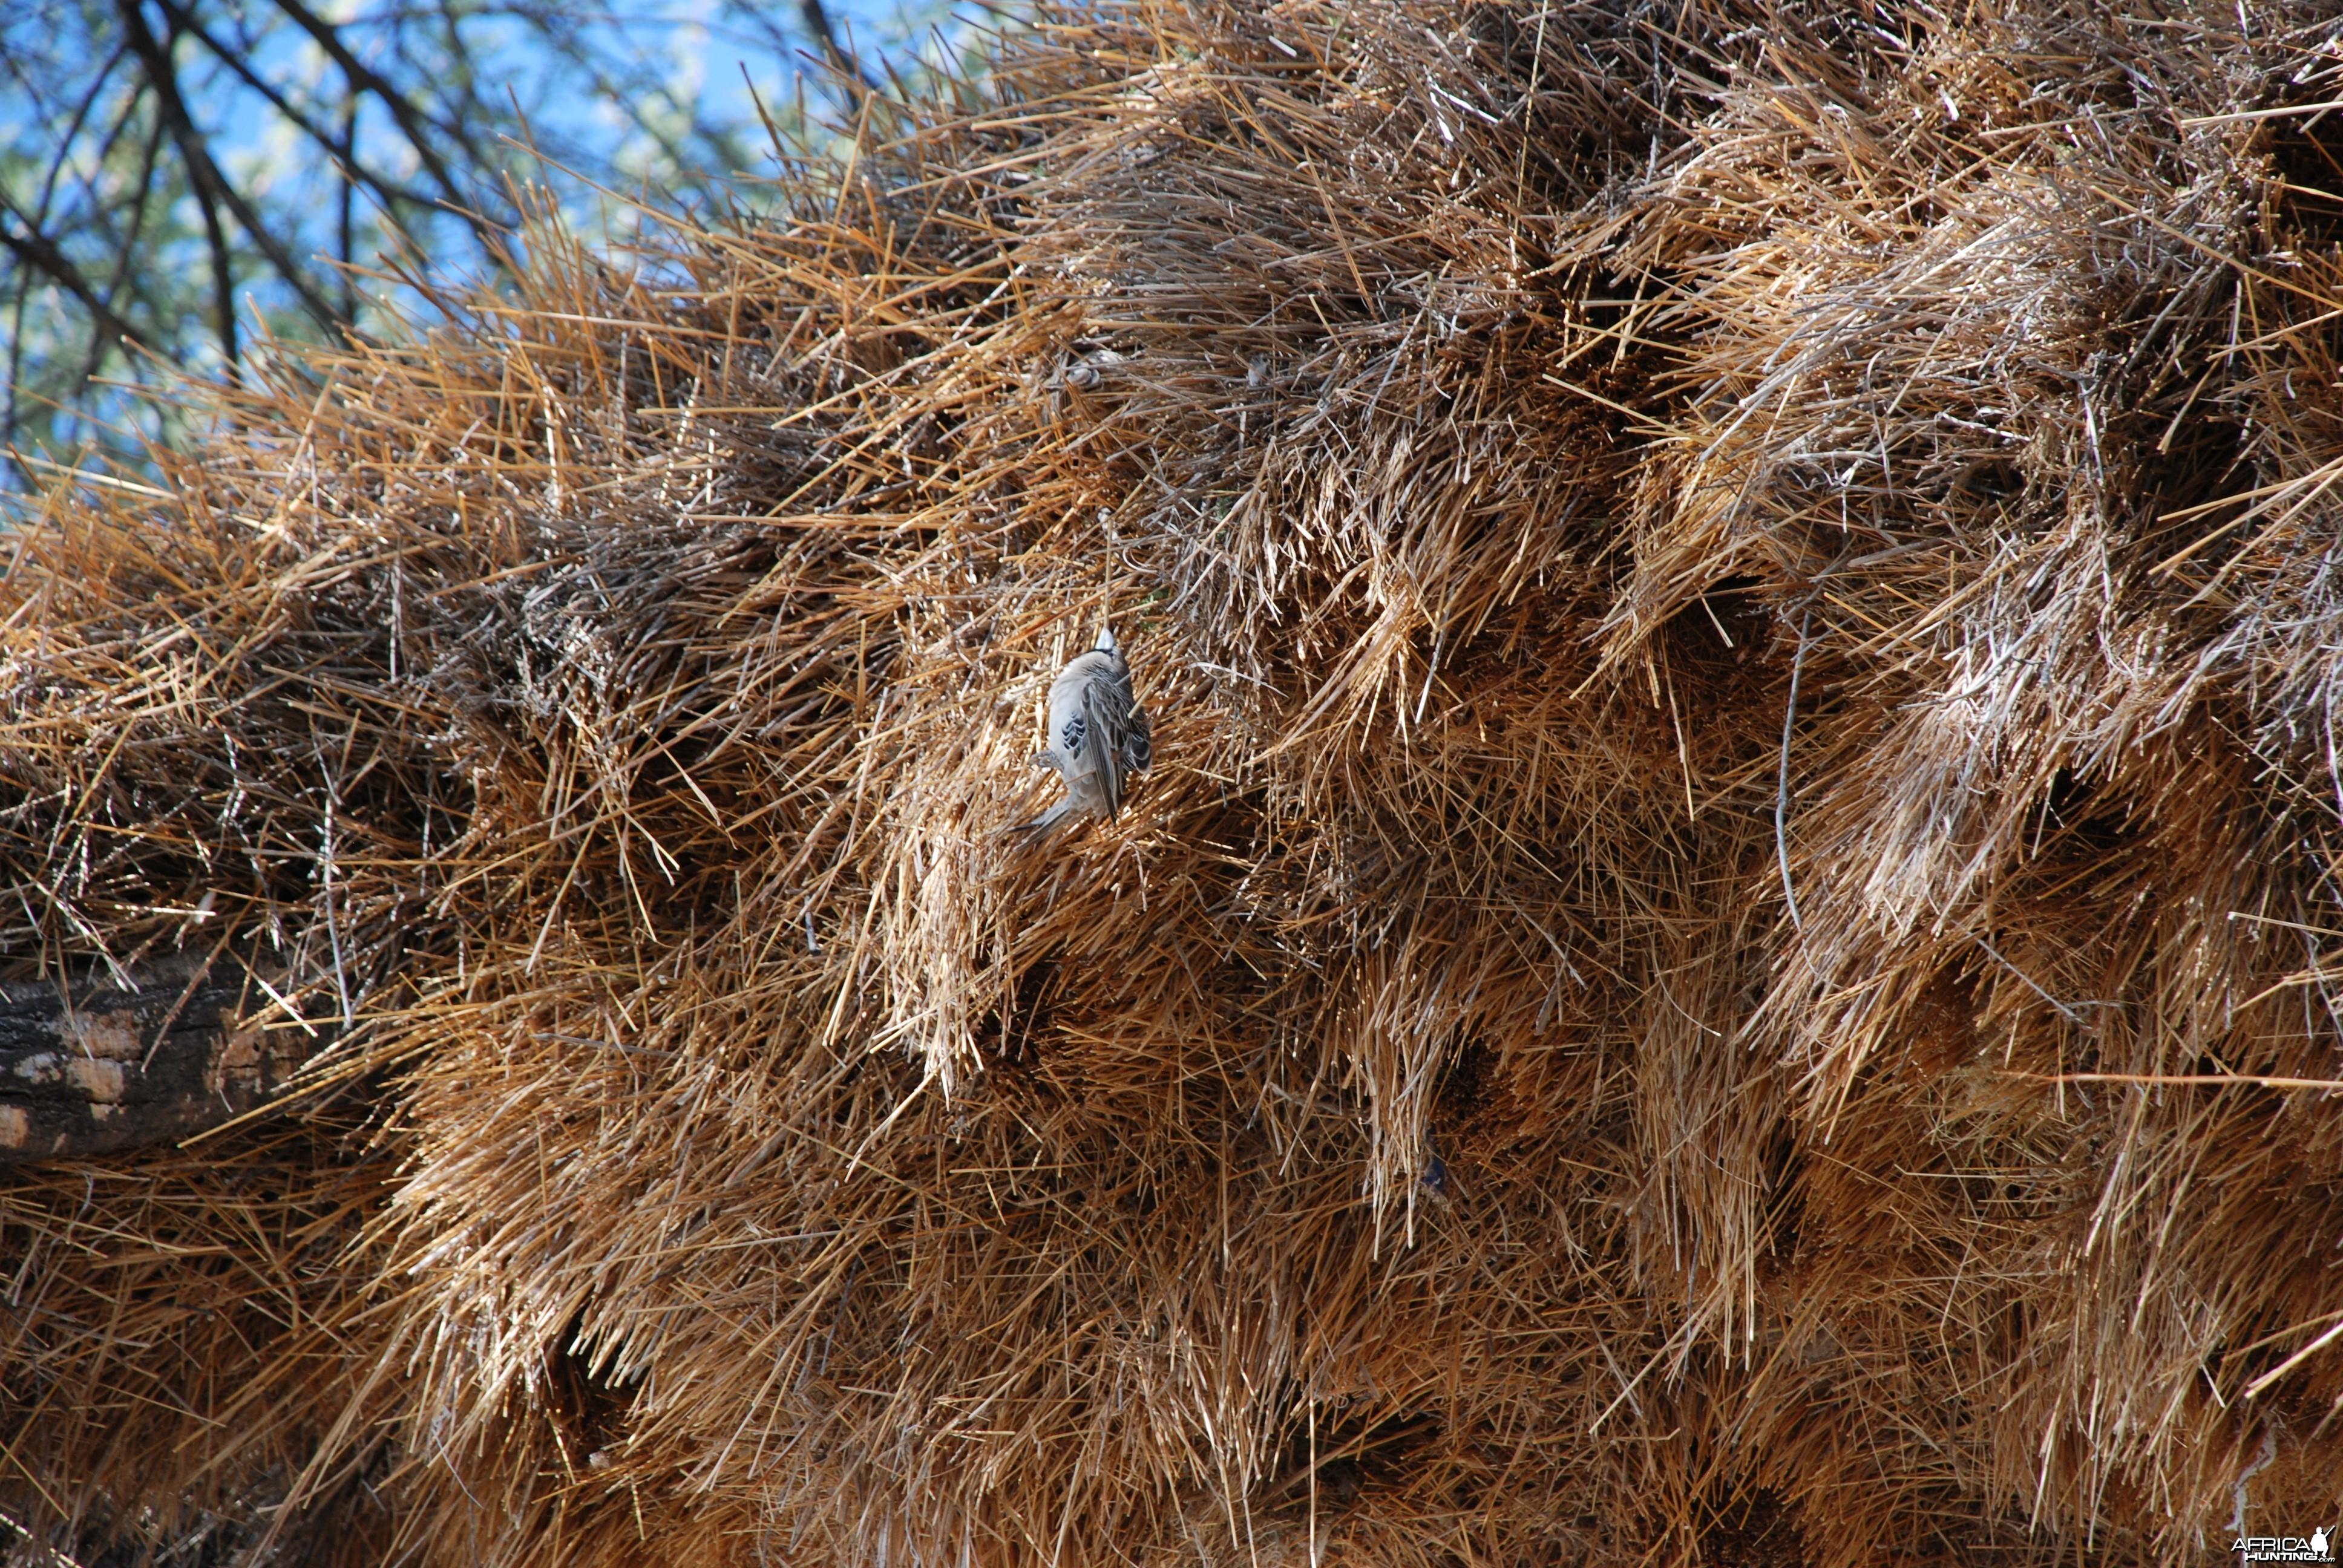 Communal nest, Namibia